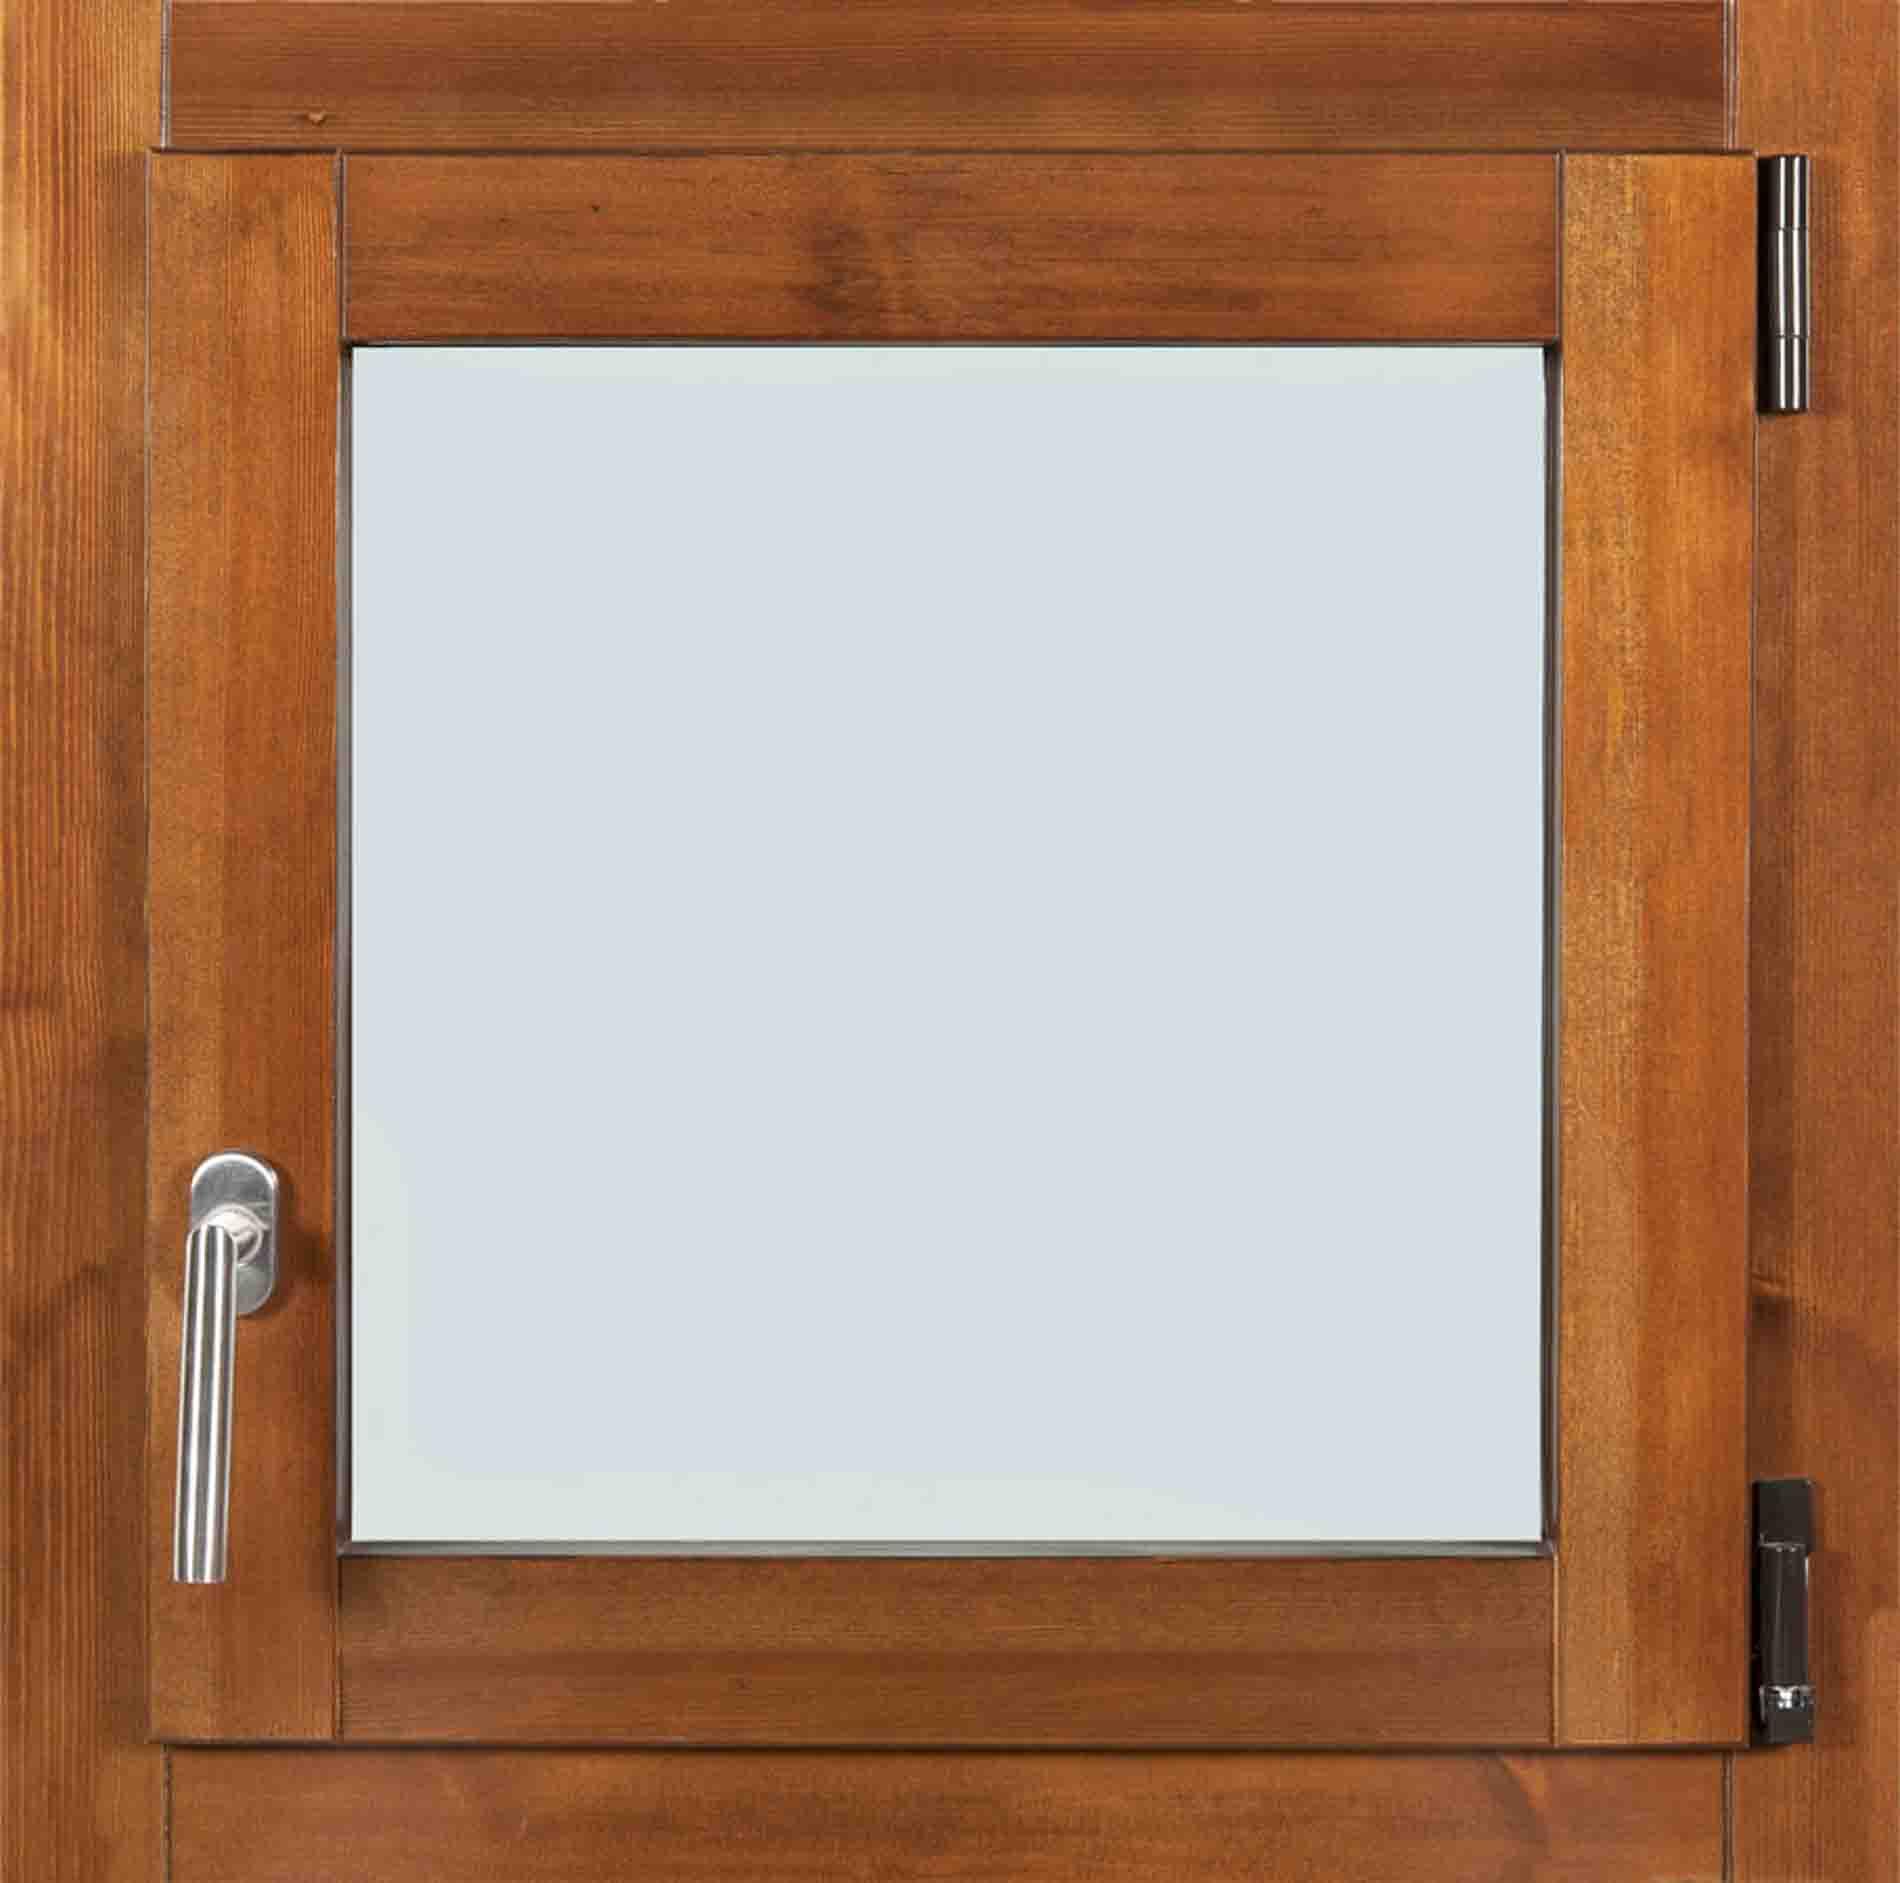 Carpinteria ventana interior madera